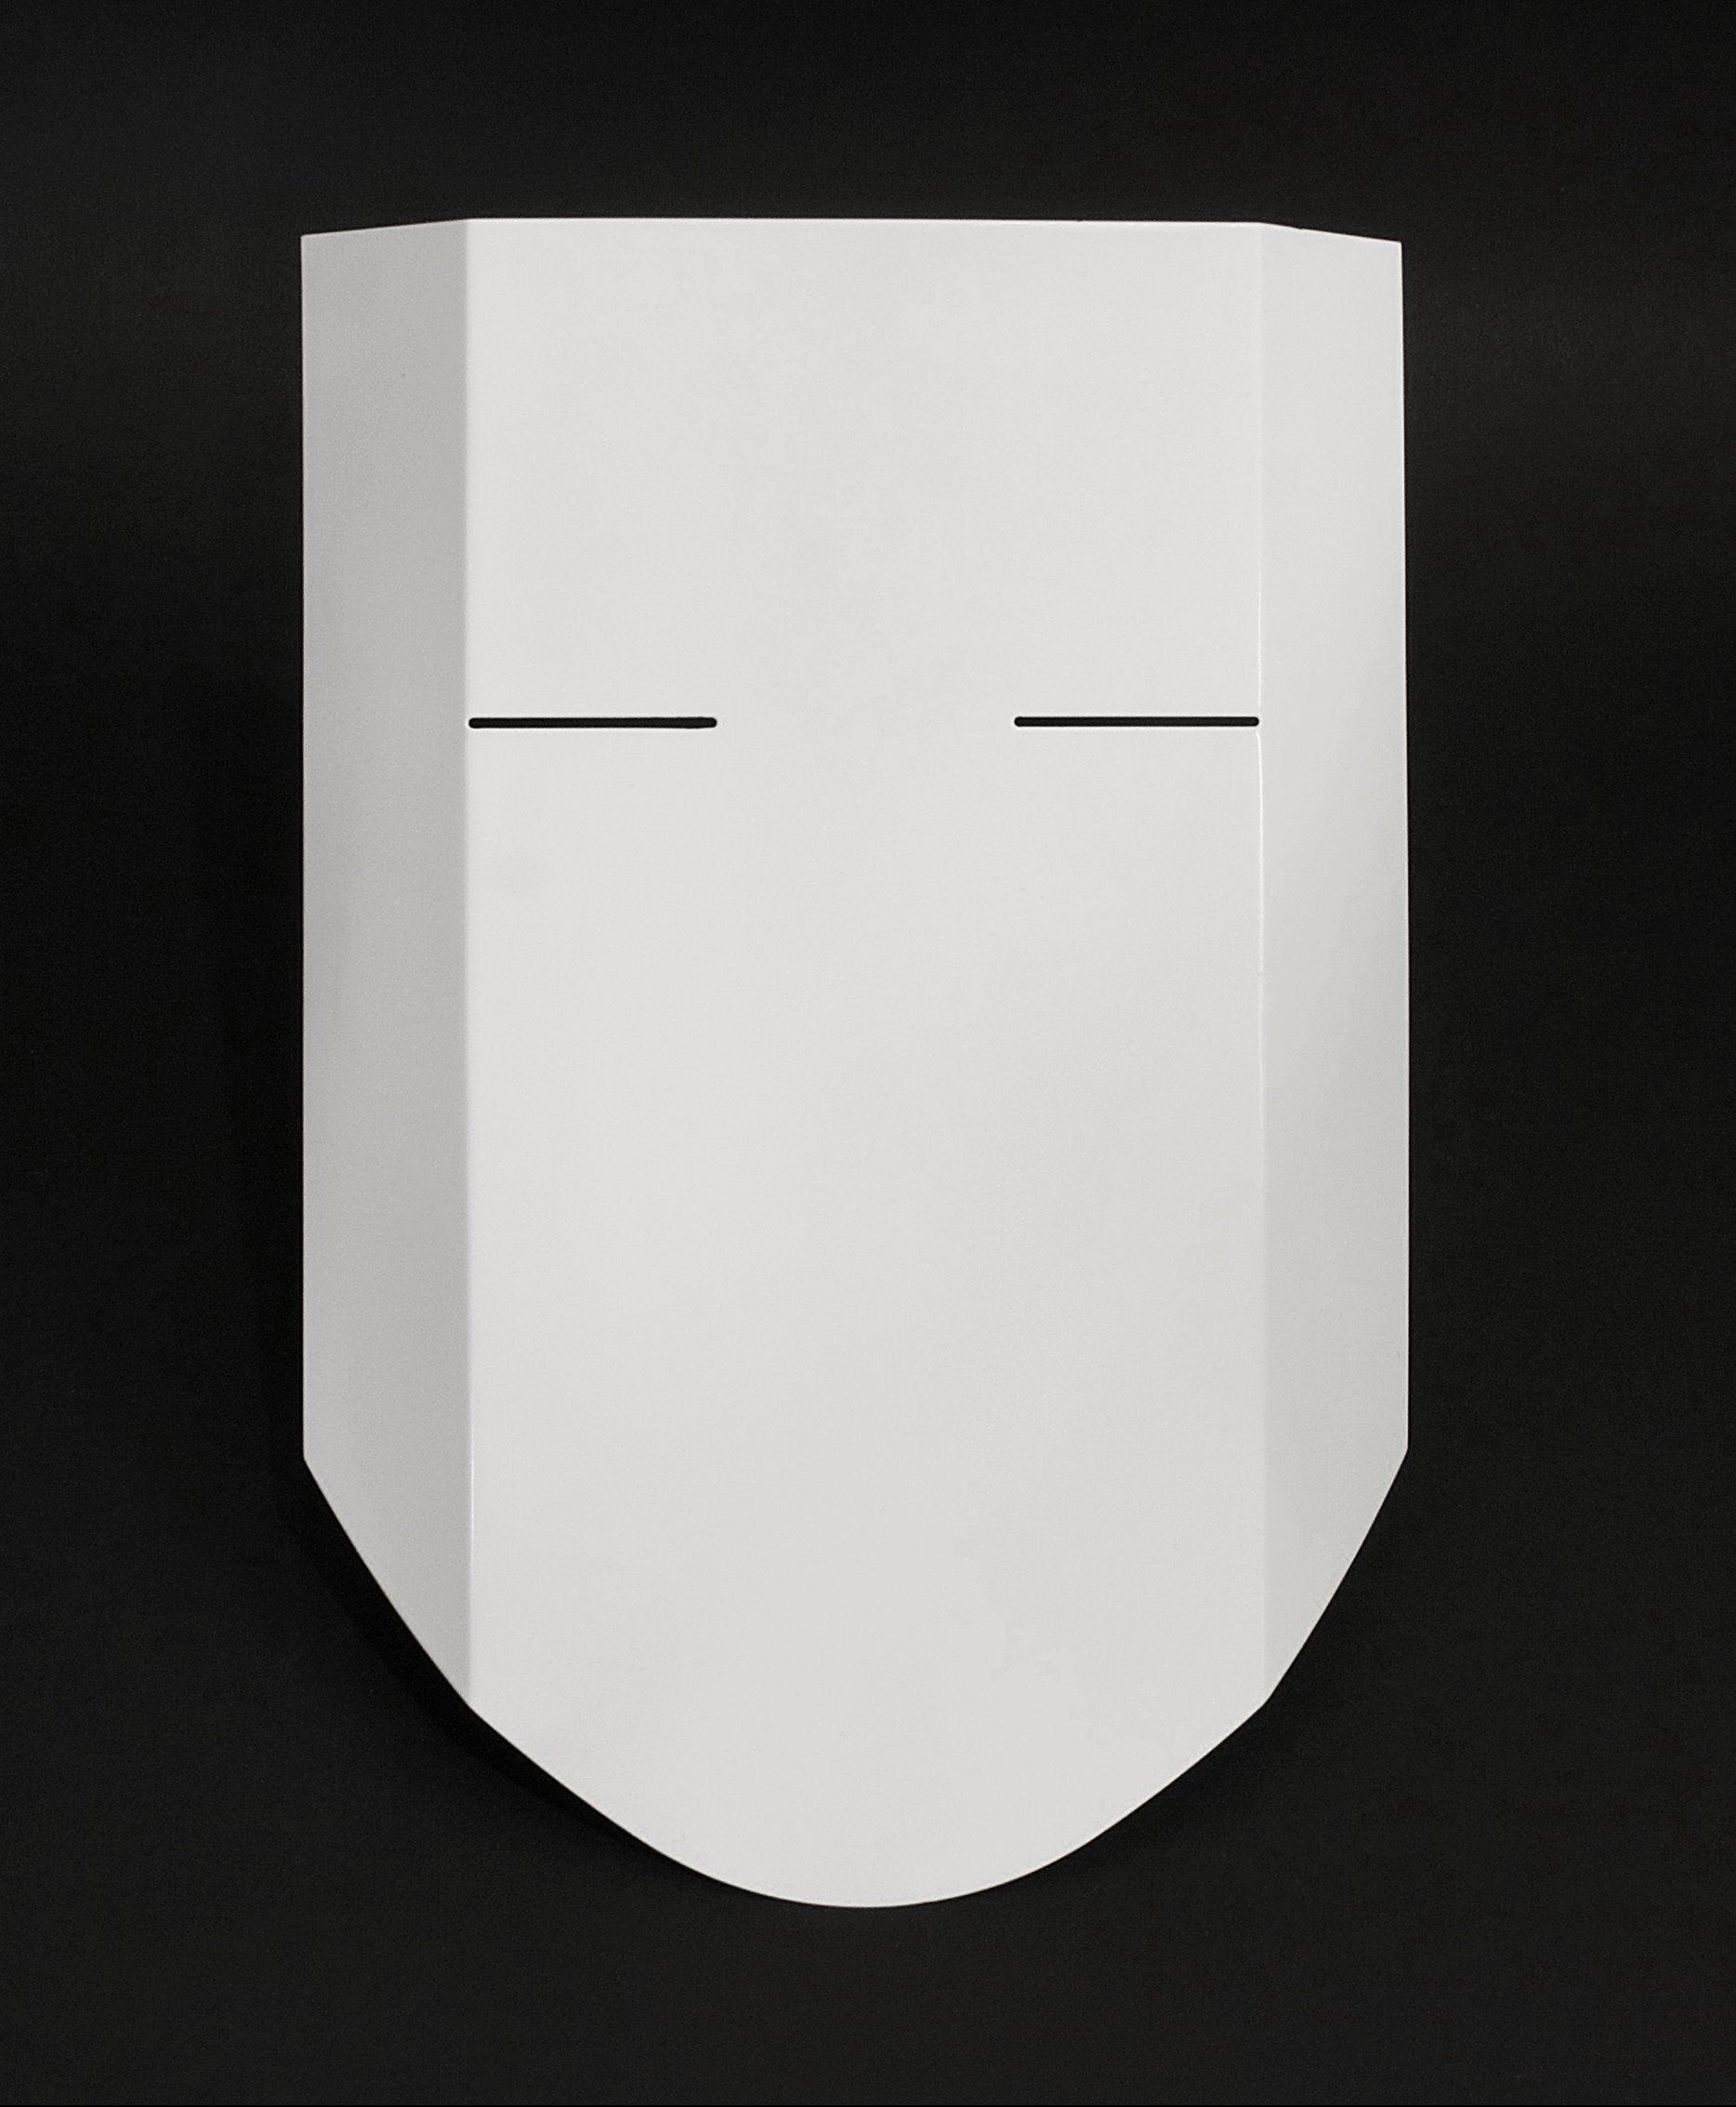 Inês Nunes, Escudo, masker, 2020. Foto Pedro Sequiera, aluminium, lak, pvc, elastiek, vinyl